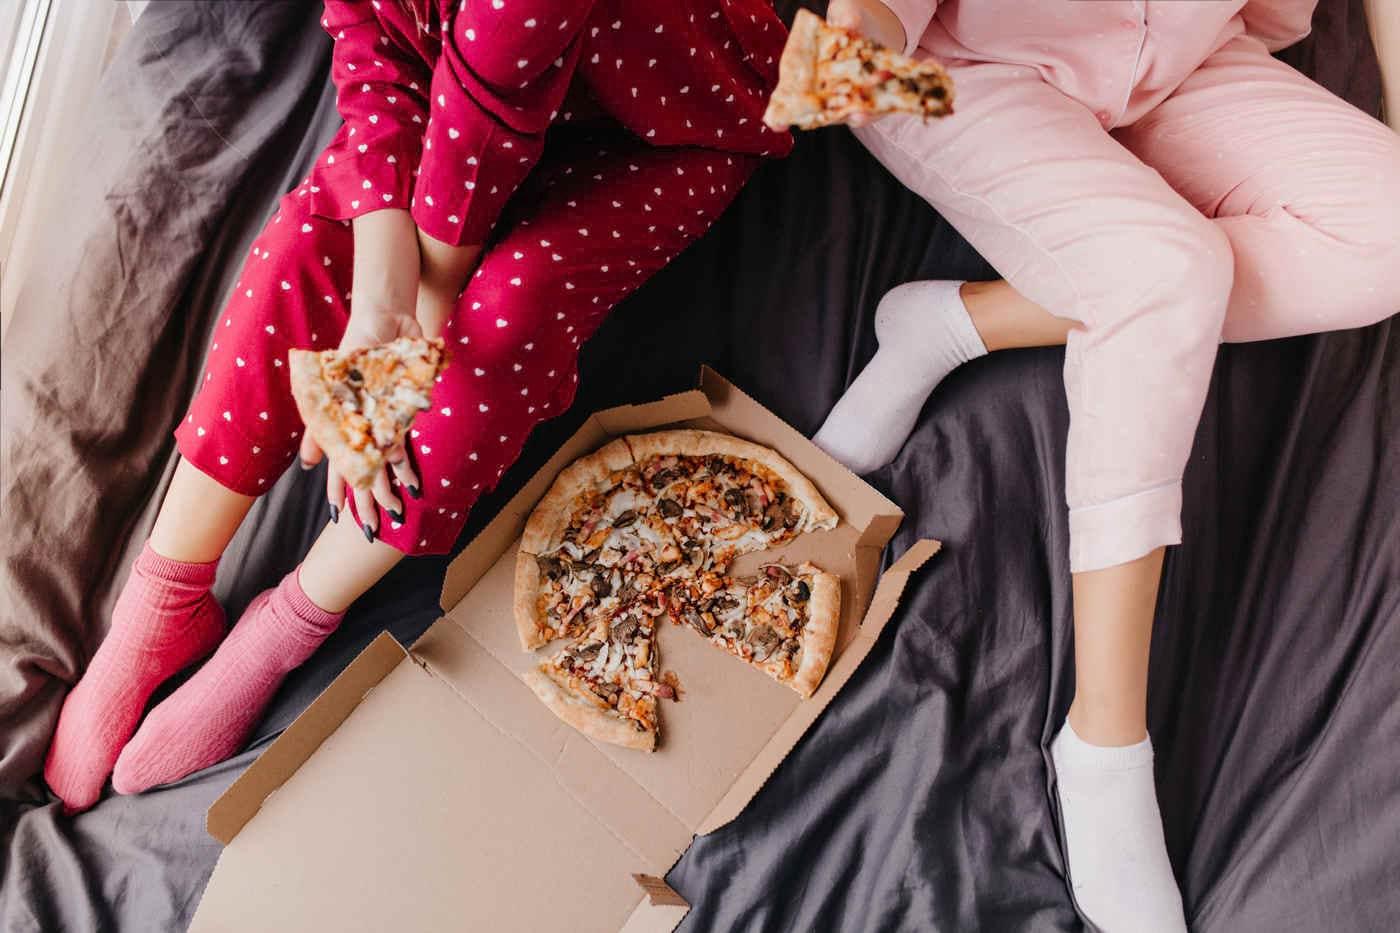 Cum să nu mai mănânci seara târziu: trucuri și sfaturi